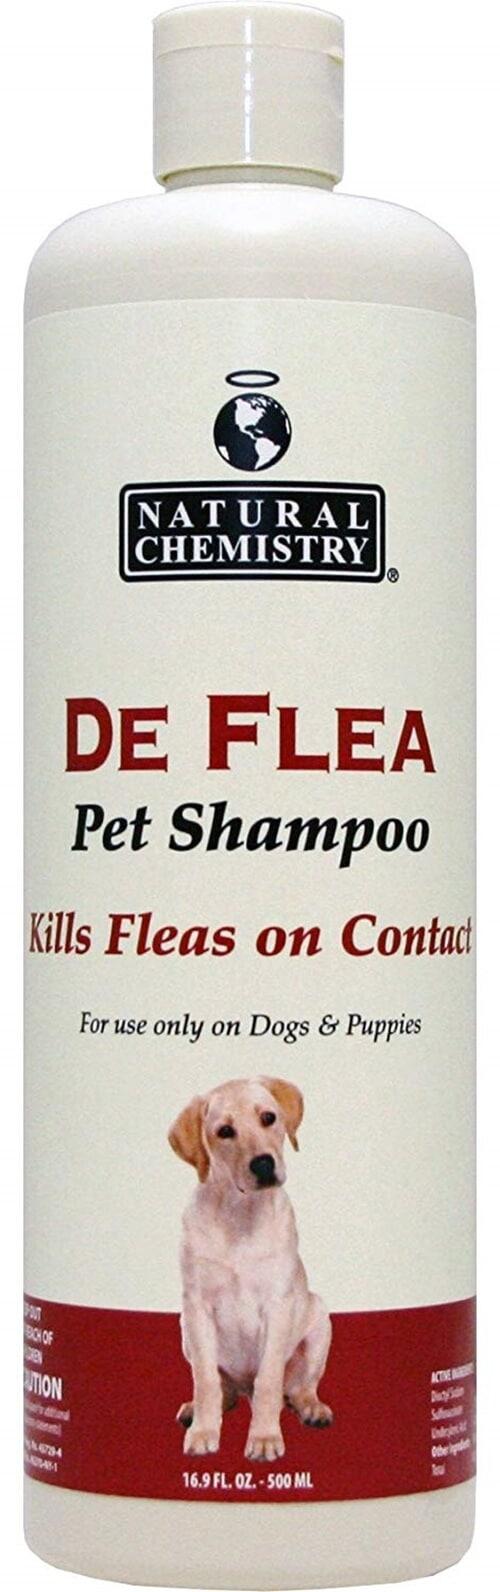 NATXZ DeFlea Ready to Use Flea & Tick Shampoo